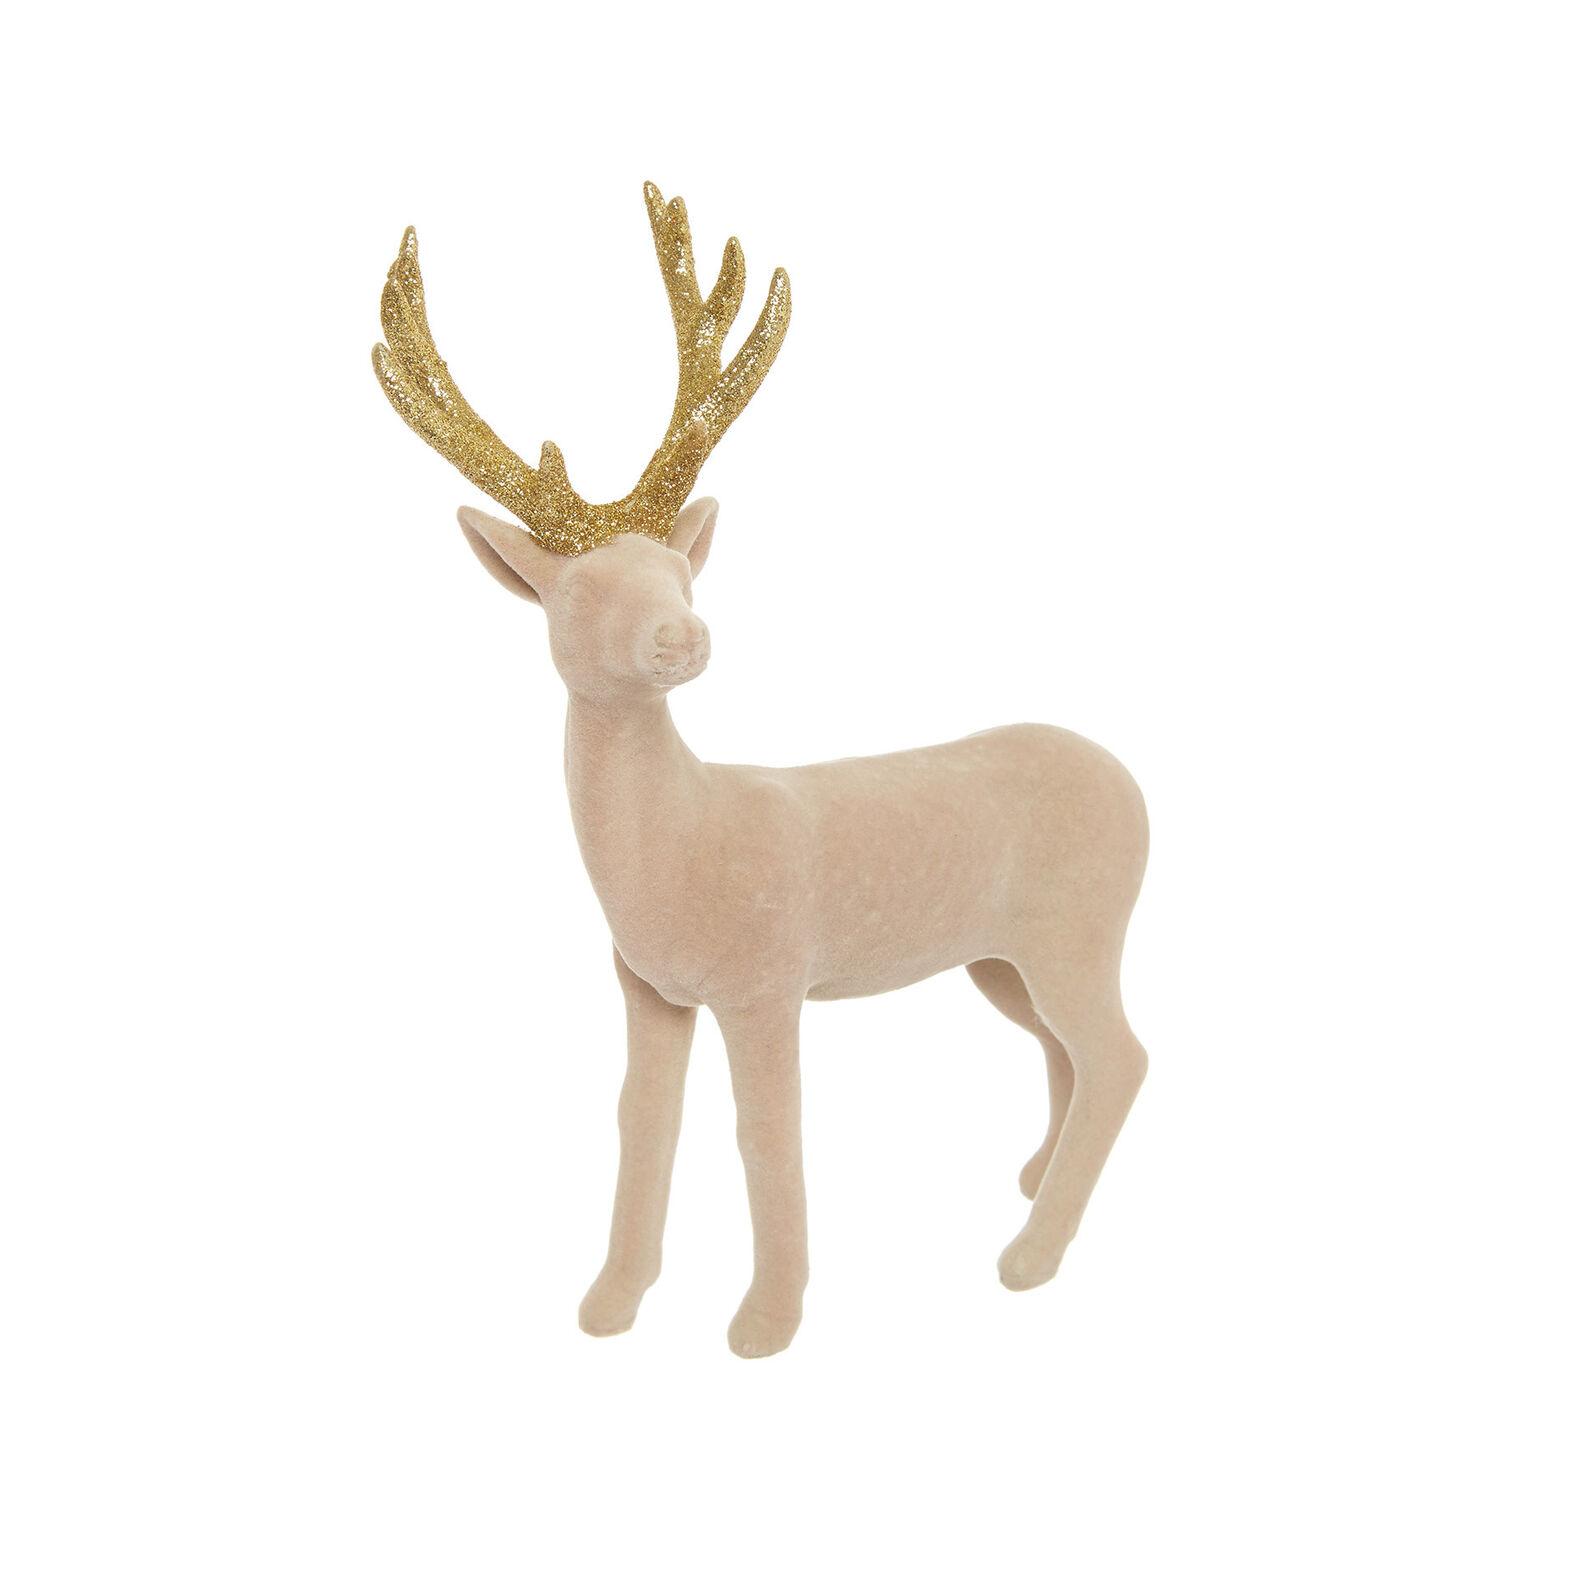 Velvet-effect deer decoration